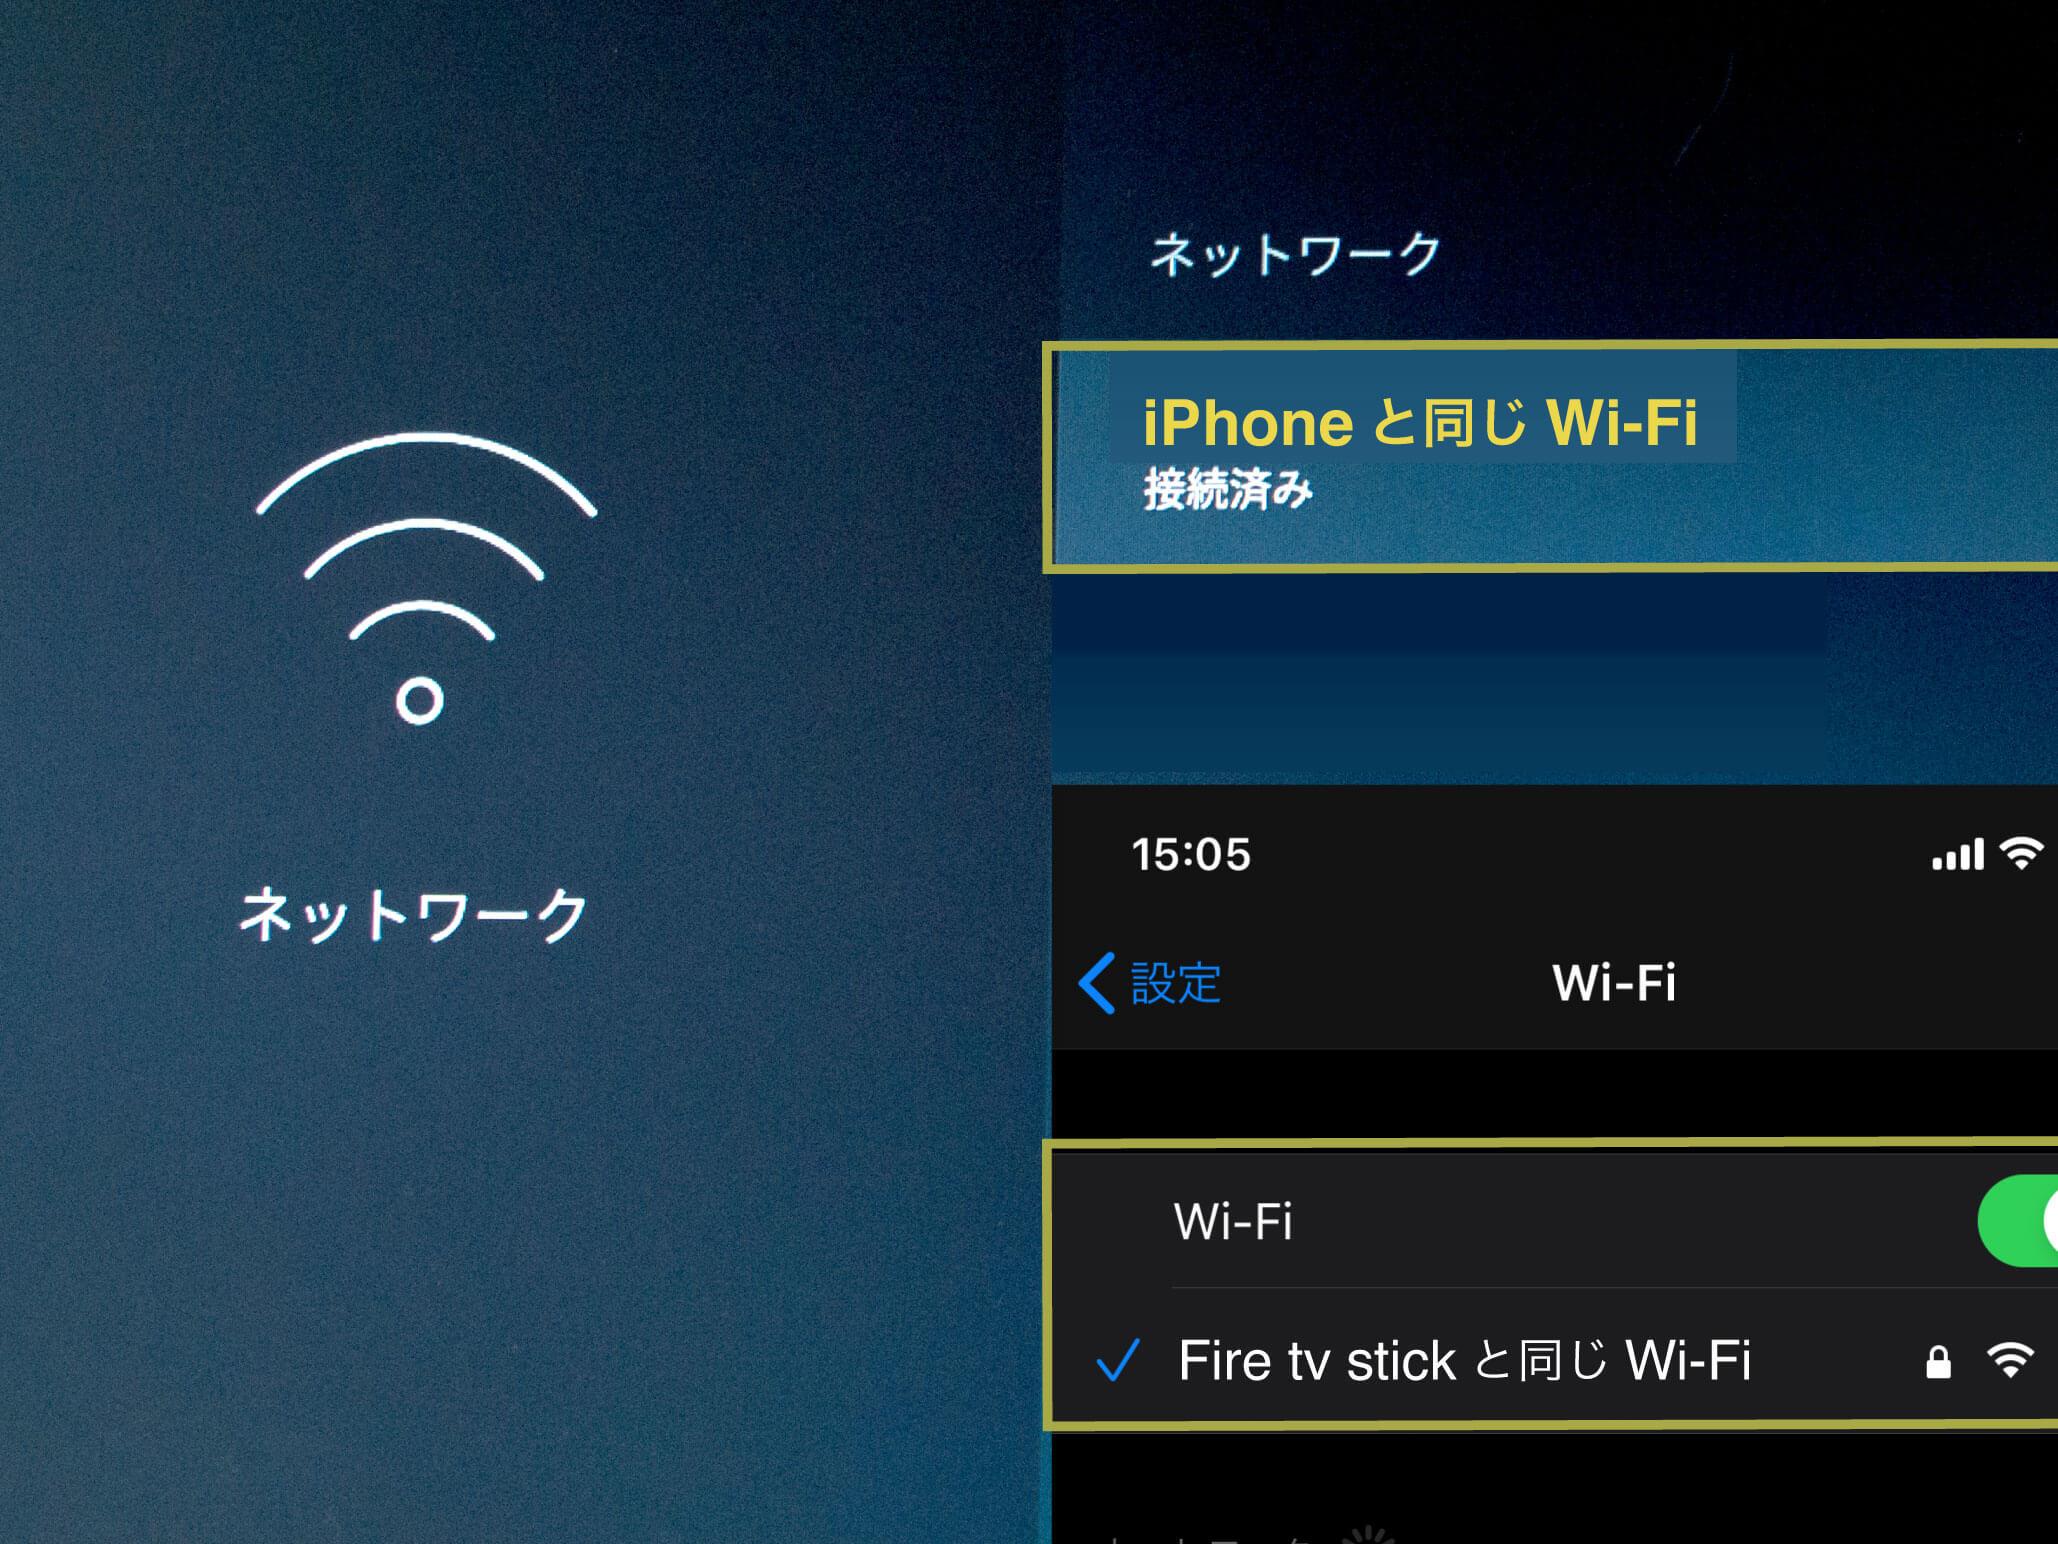 iPhoneとFire tv stickを同じWi-Fiに